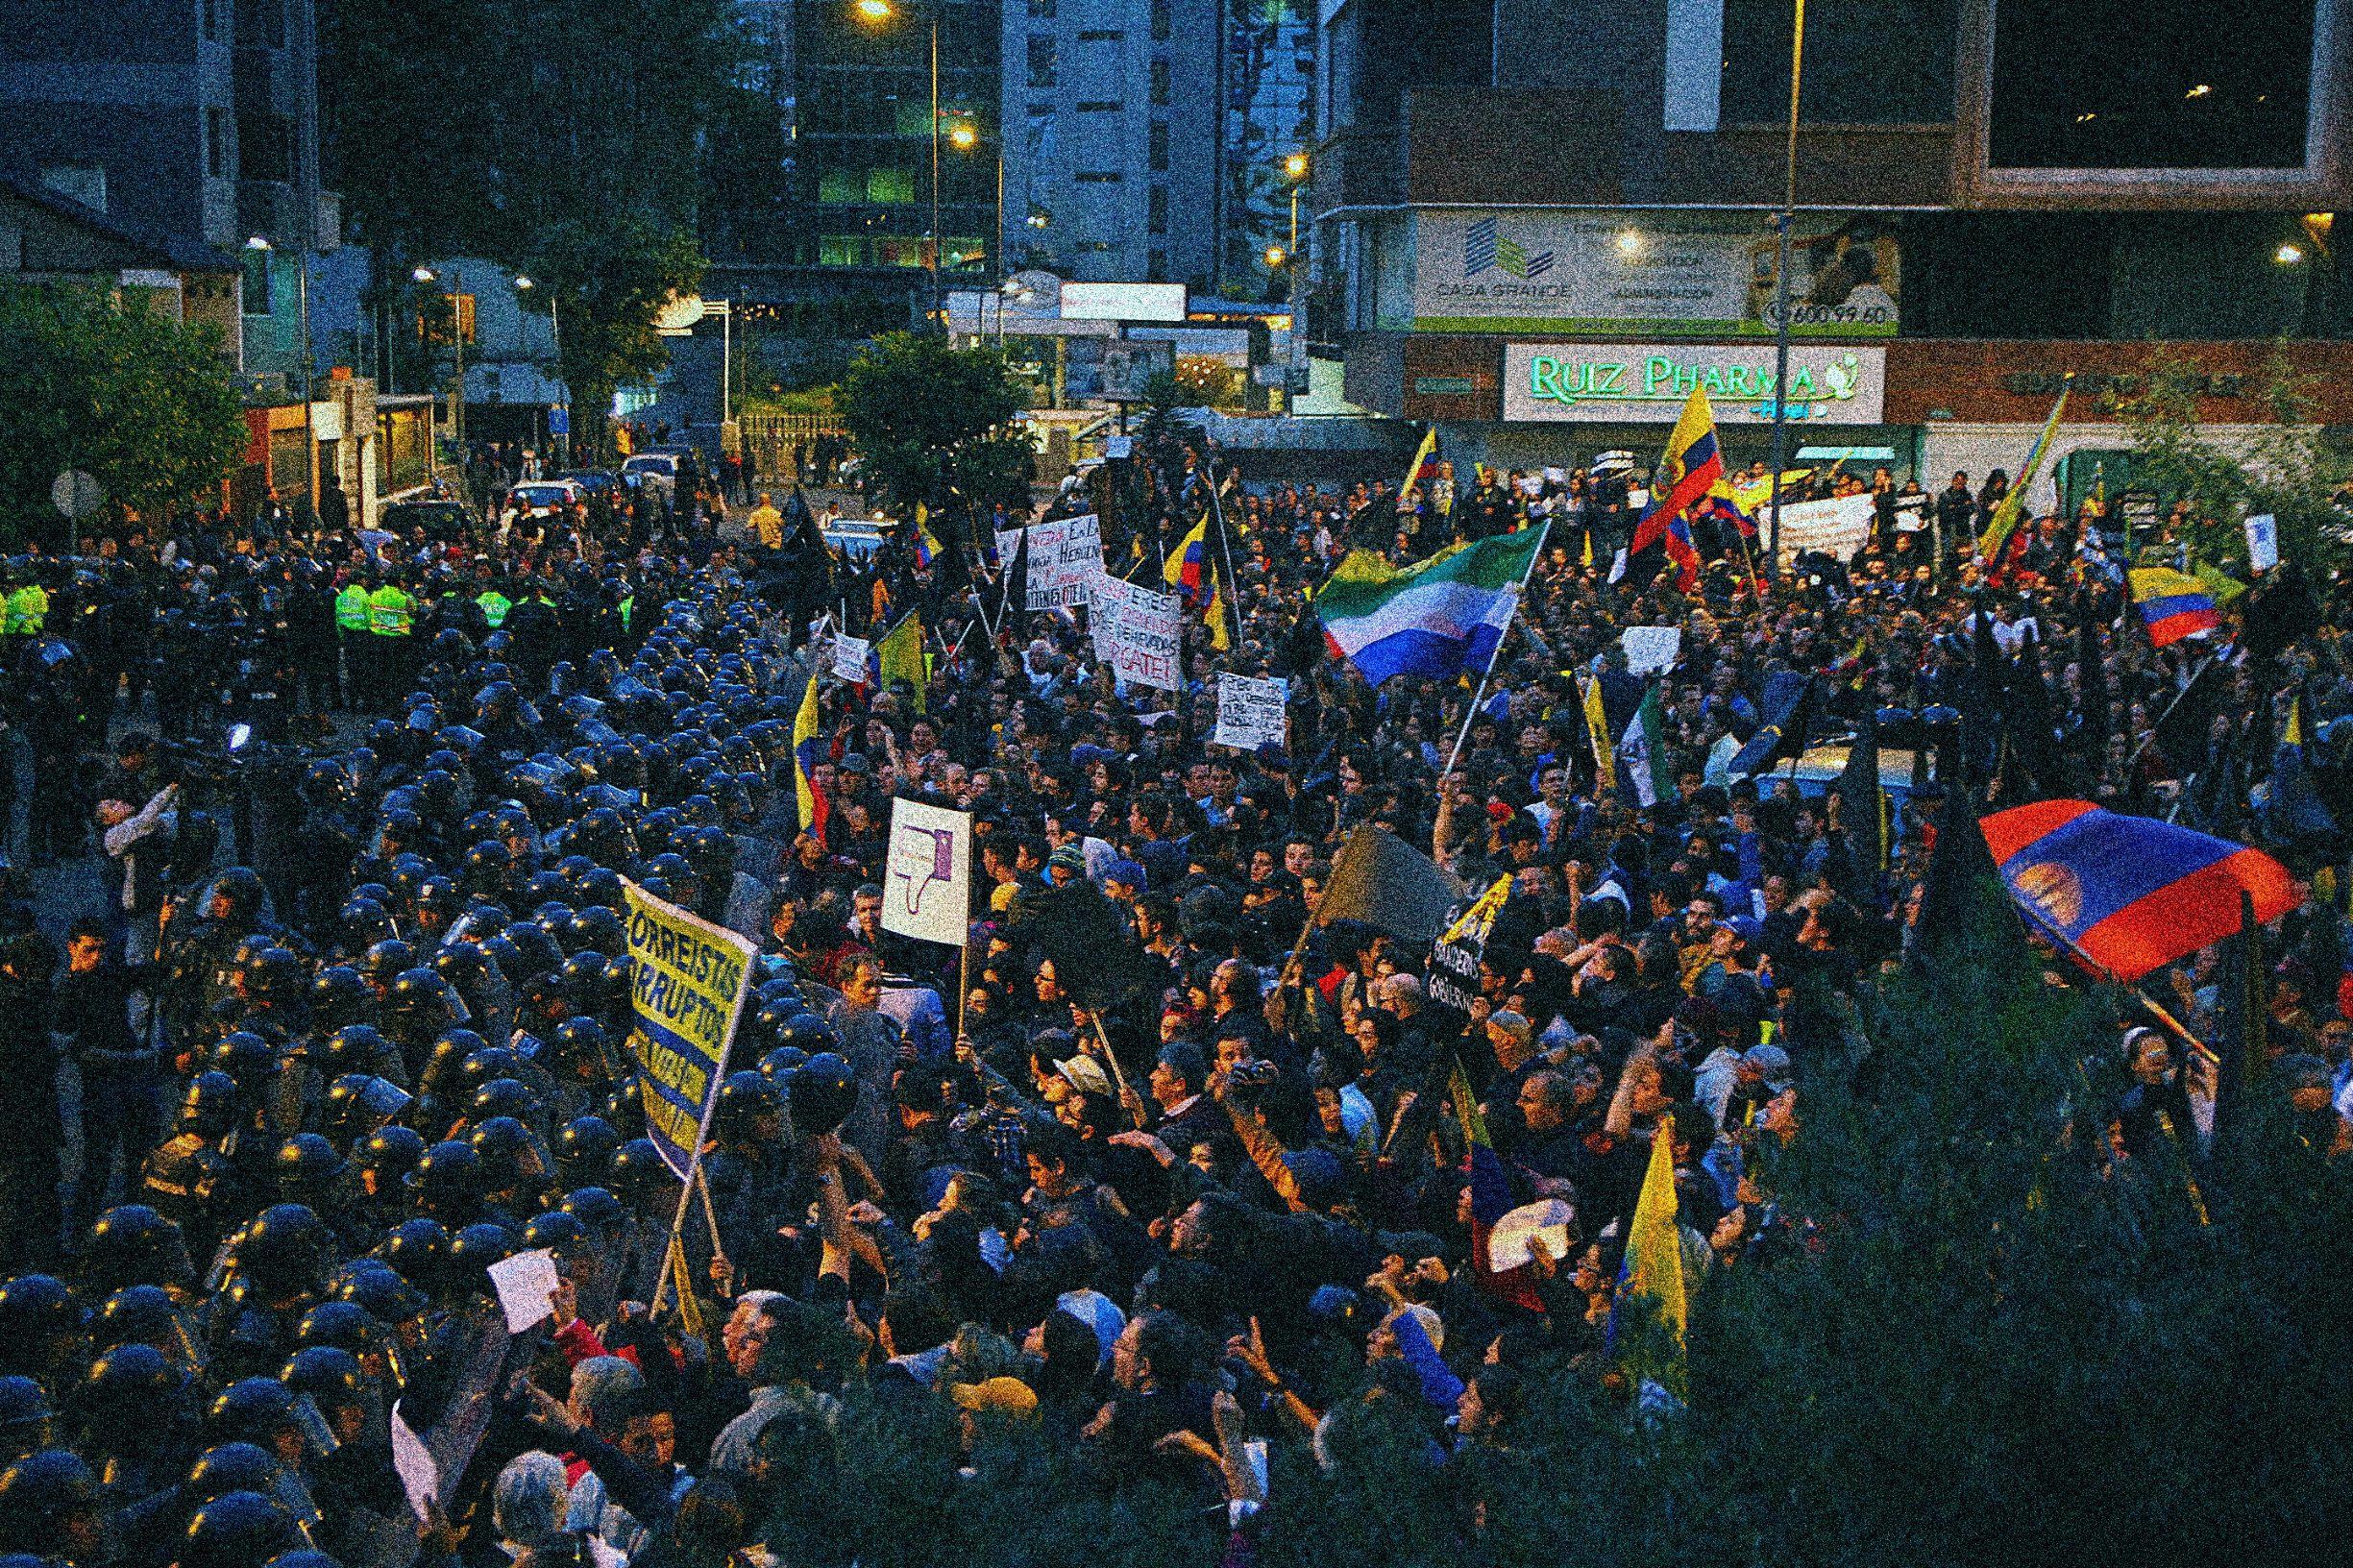 Protest and Politics in Latin America